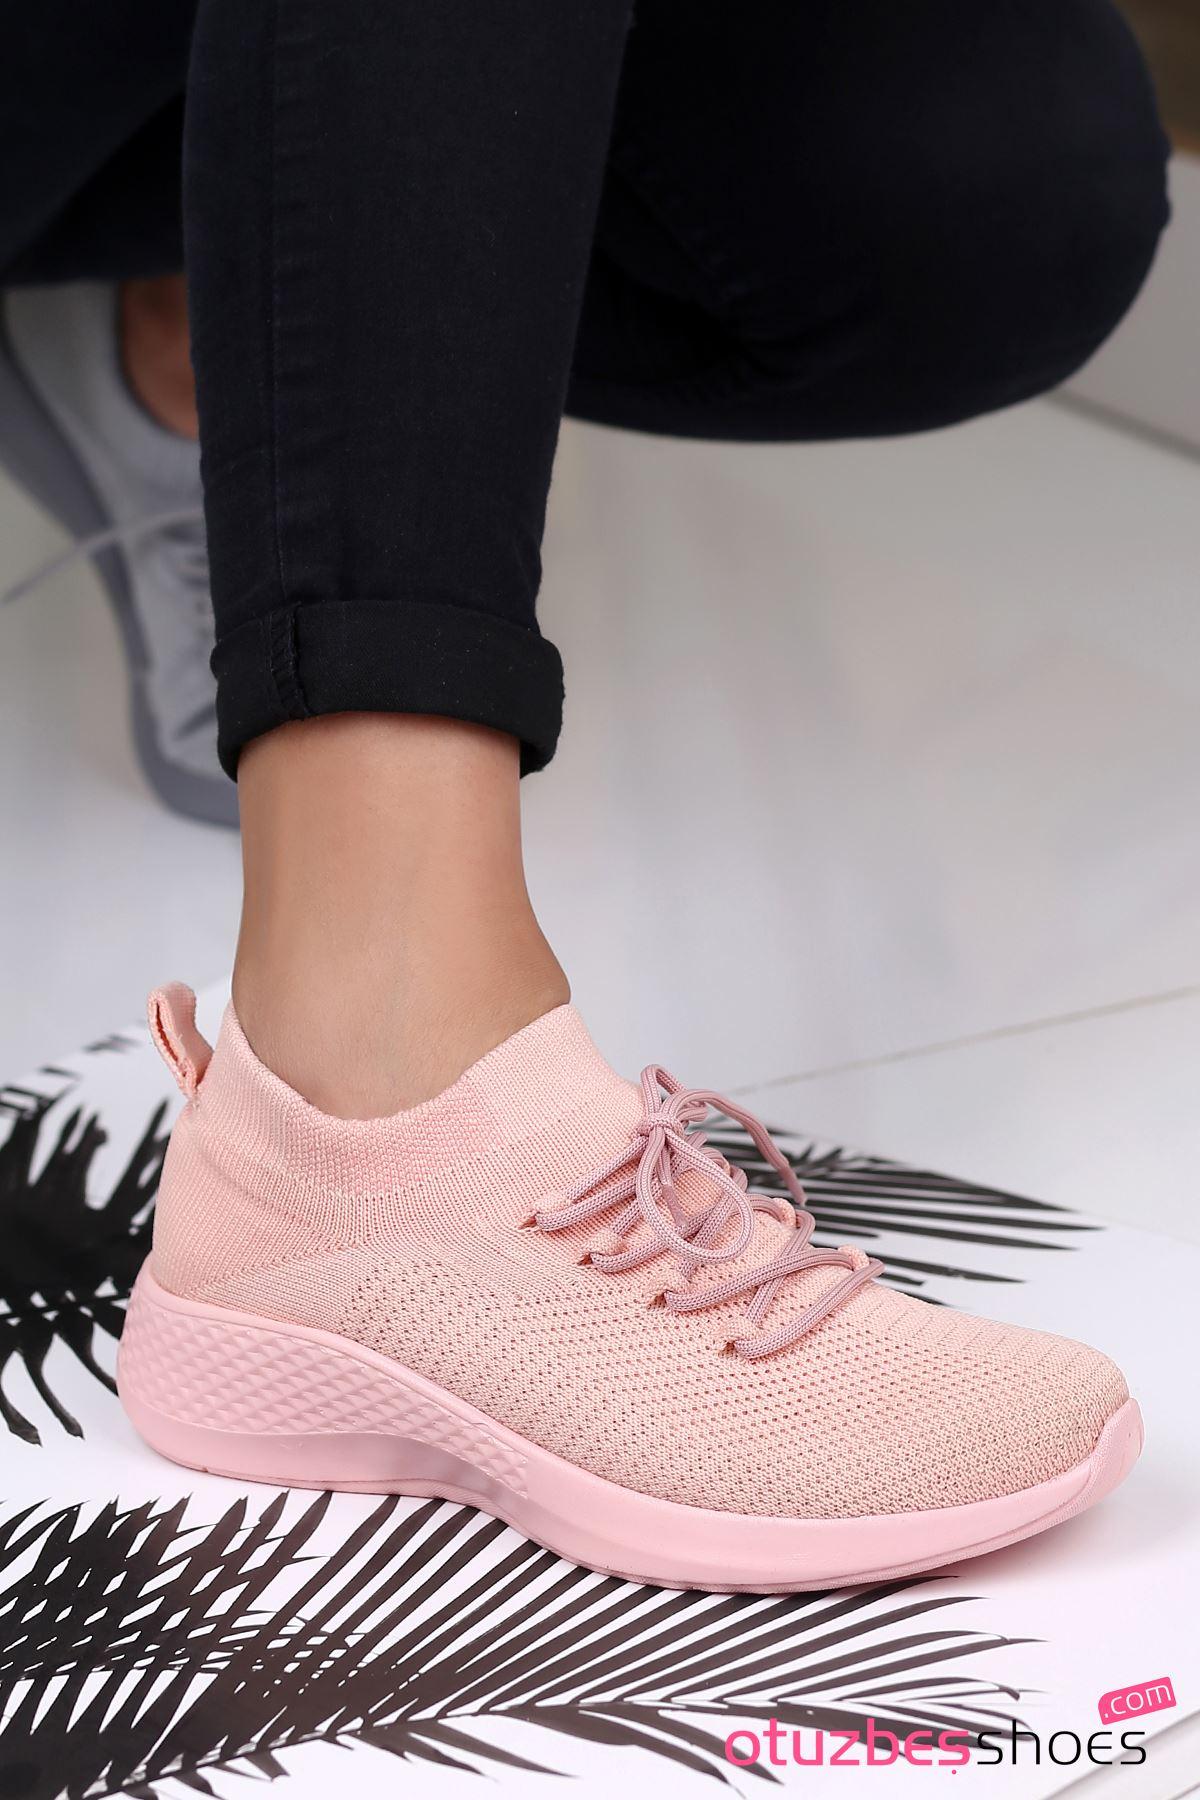 Pops Çelik Örgü Bağcık Detay Triko Kadın Spor Ayakkabı Pudra